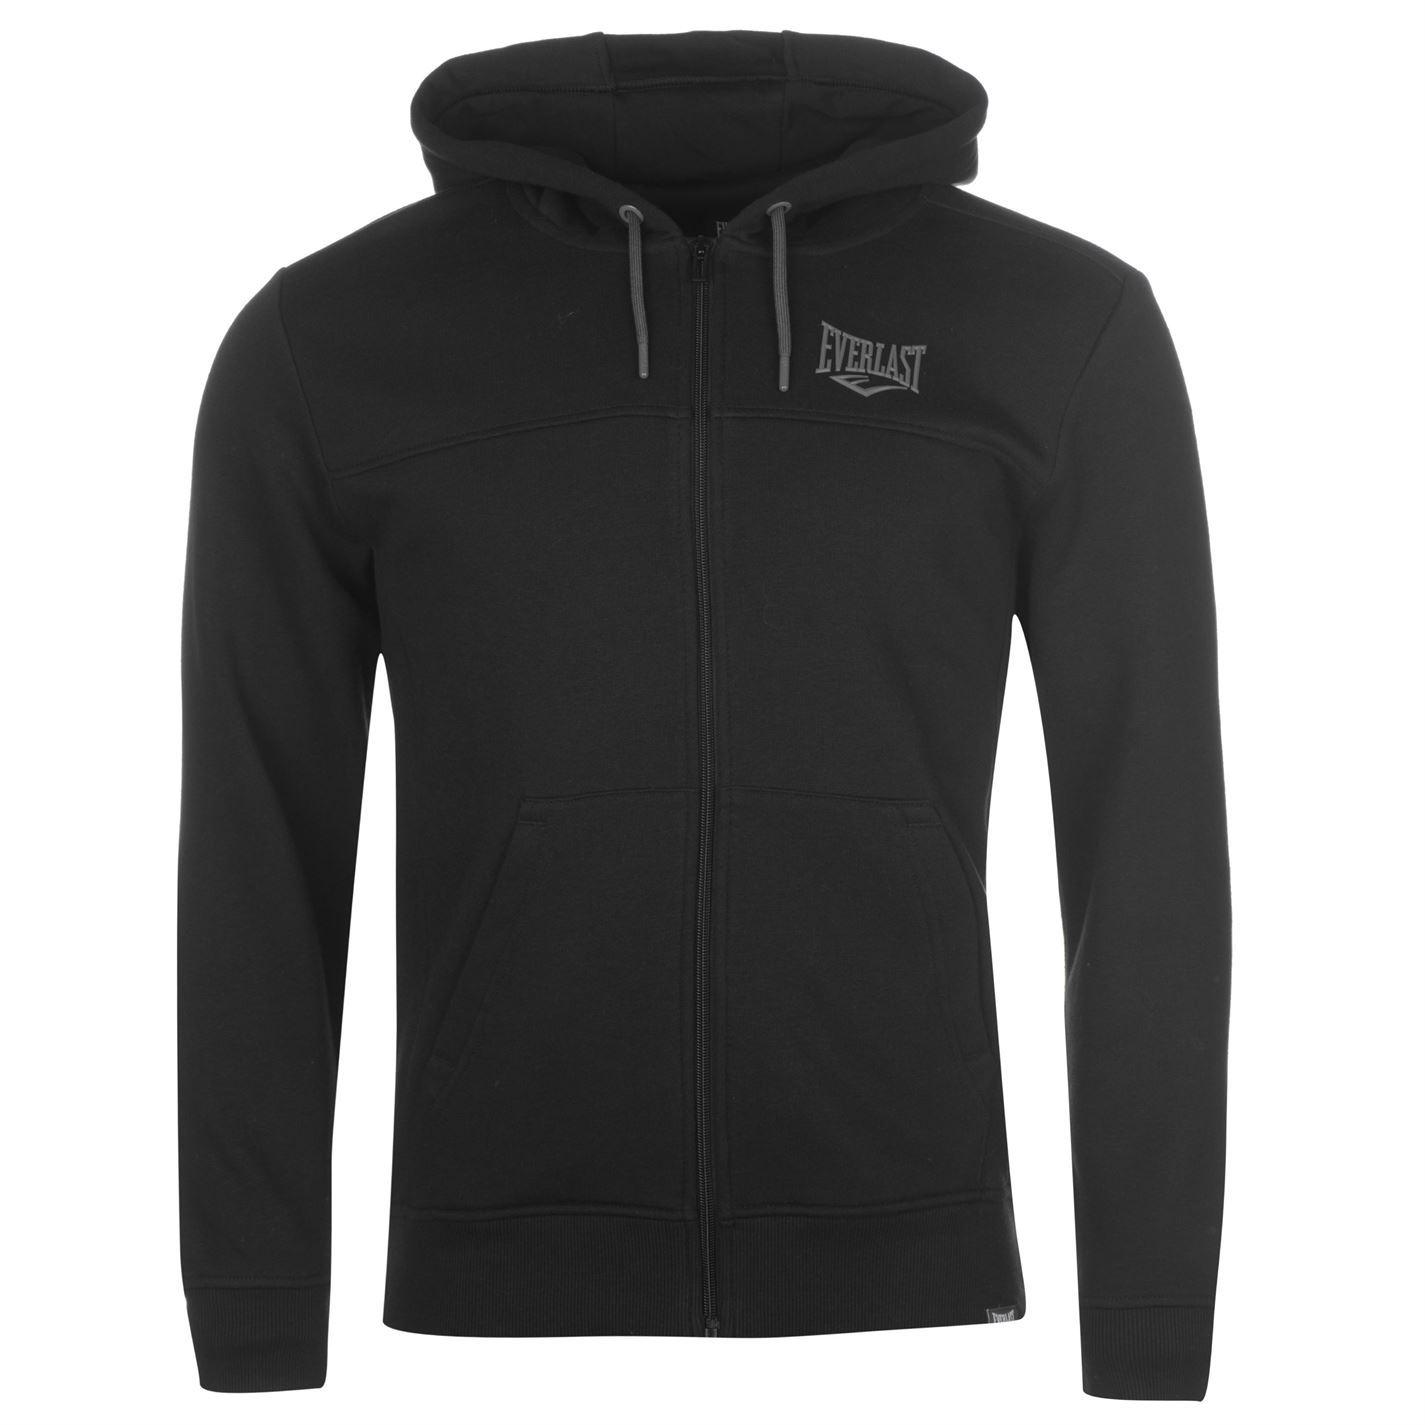 Everlast-Logo-Full-Zip-Hoody-Jacket-Mens-Hoodie-Sweatshirt-Sweater-Hooded-Top thumbnail 4